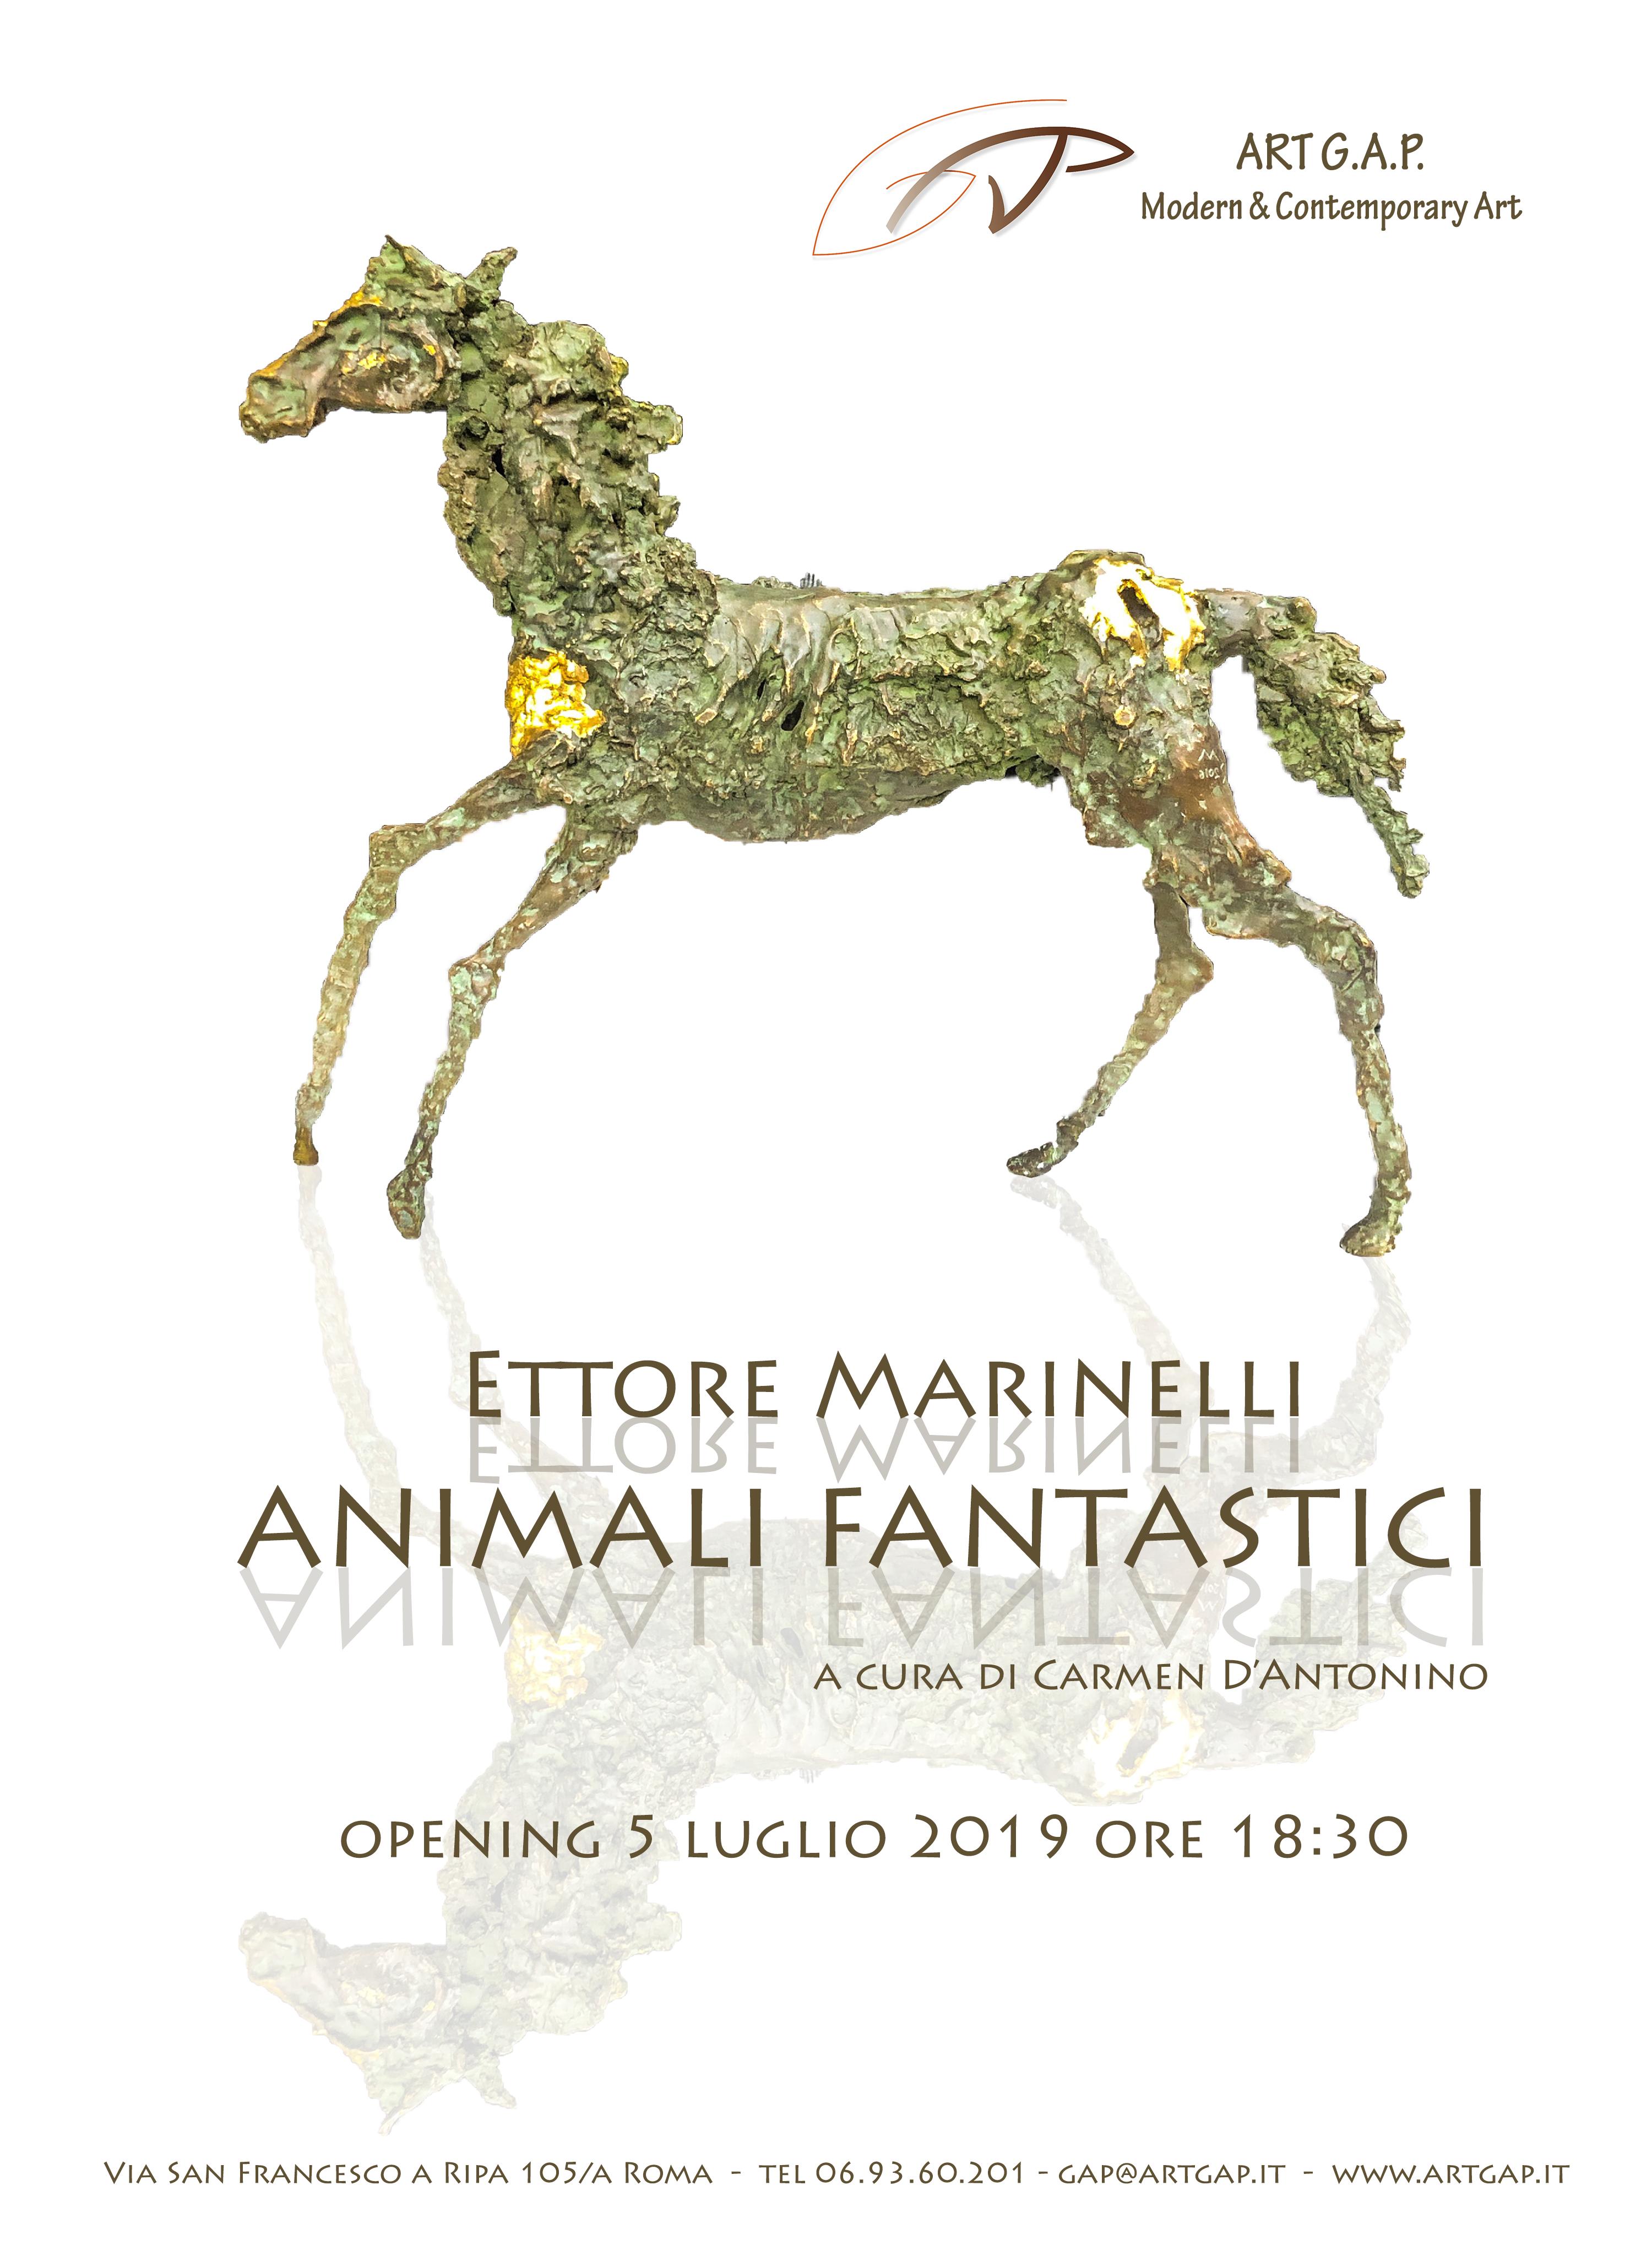 Agnone: Animali fantastici, ad Agnone l'esposizione delle opere di Ettore Marinelli.